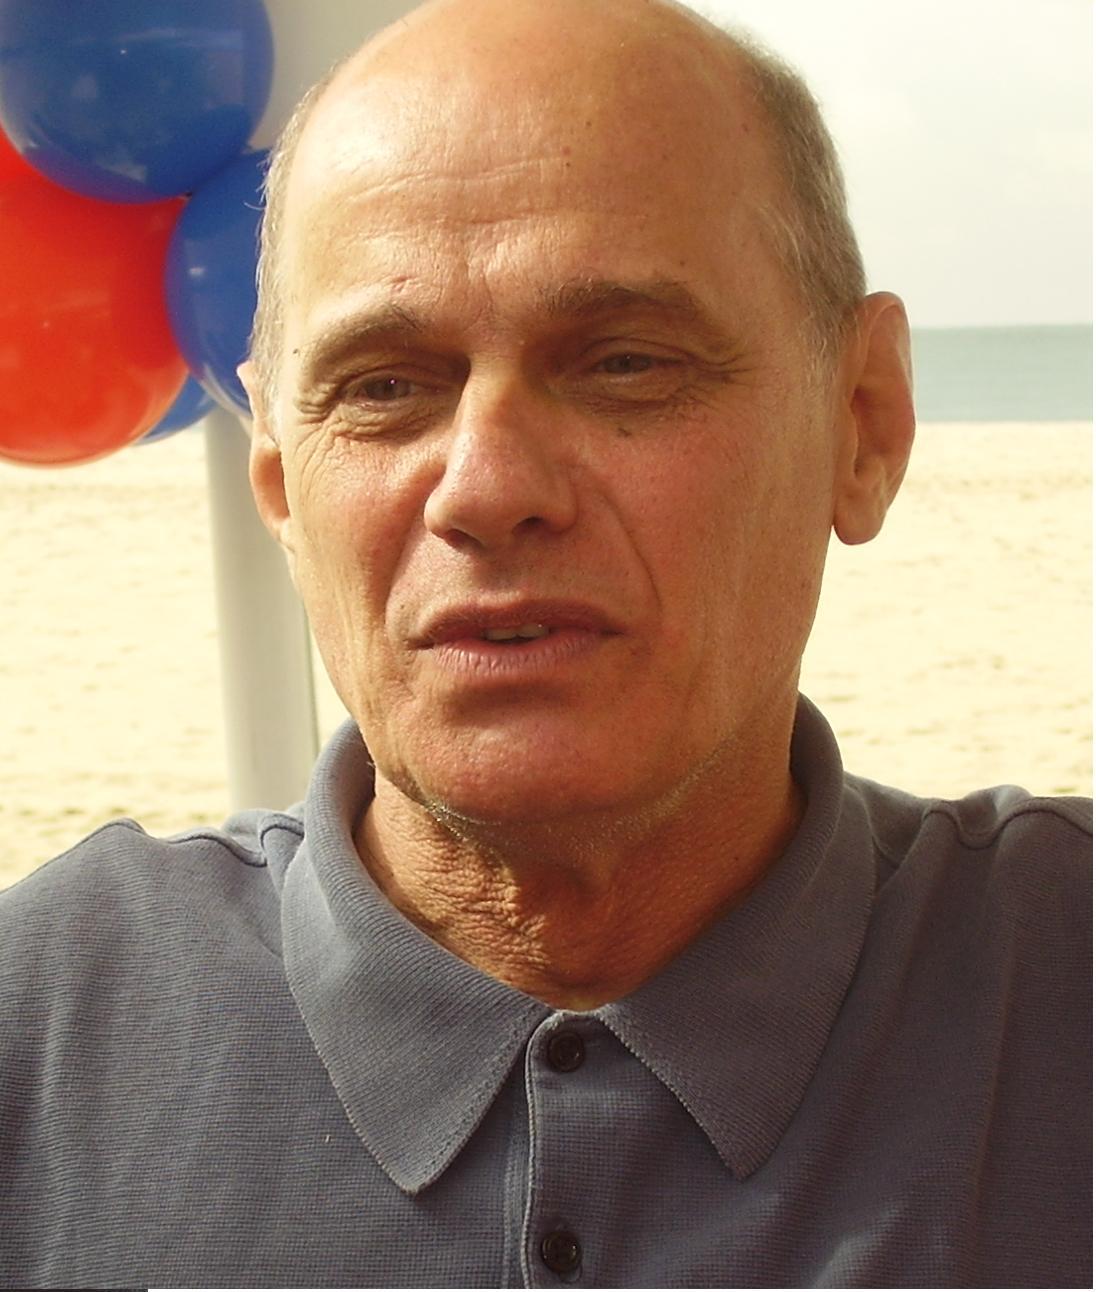 Ricardo Boechat  Wikipédia, A Enciclopédia Livre